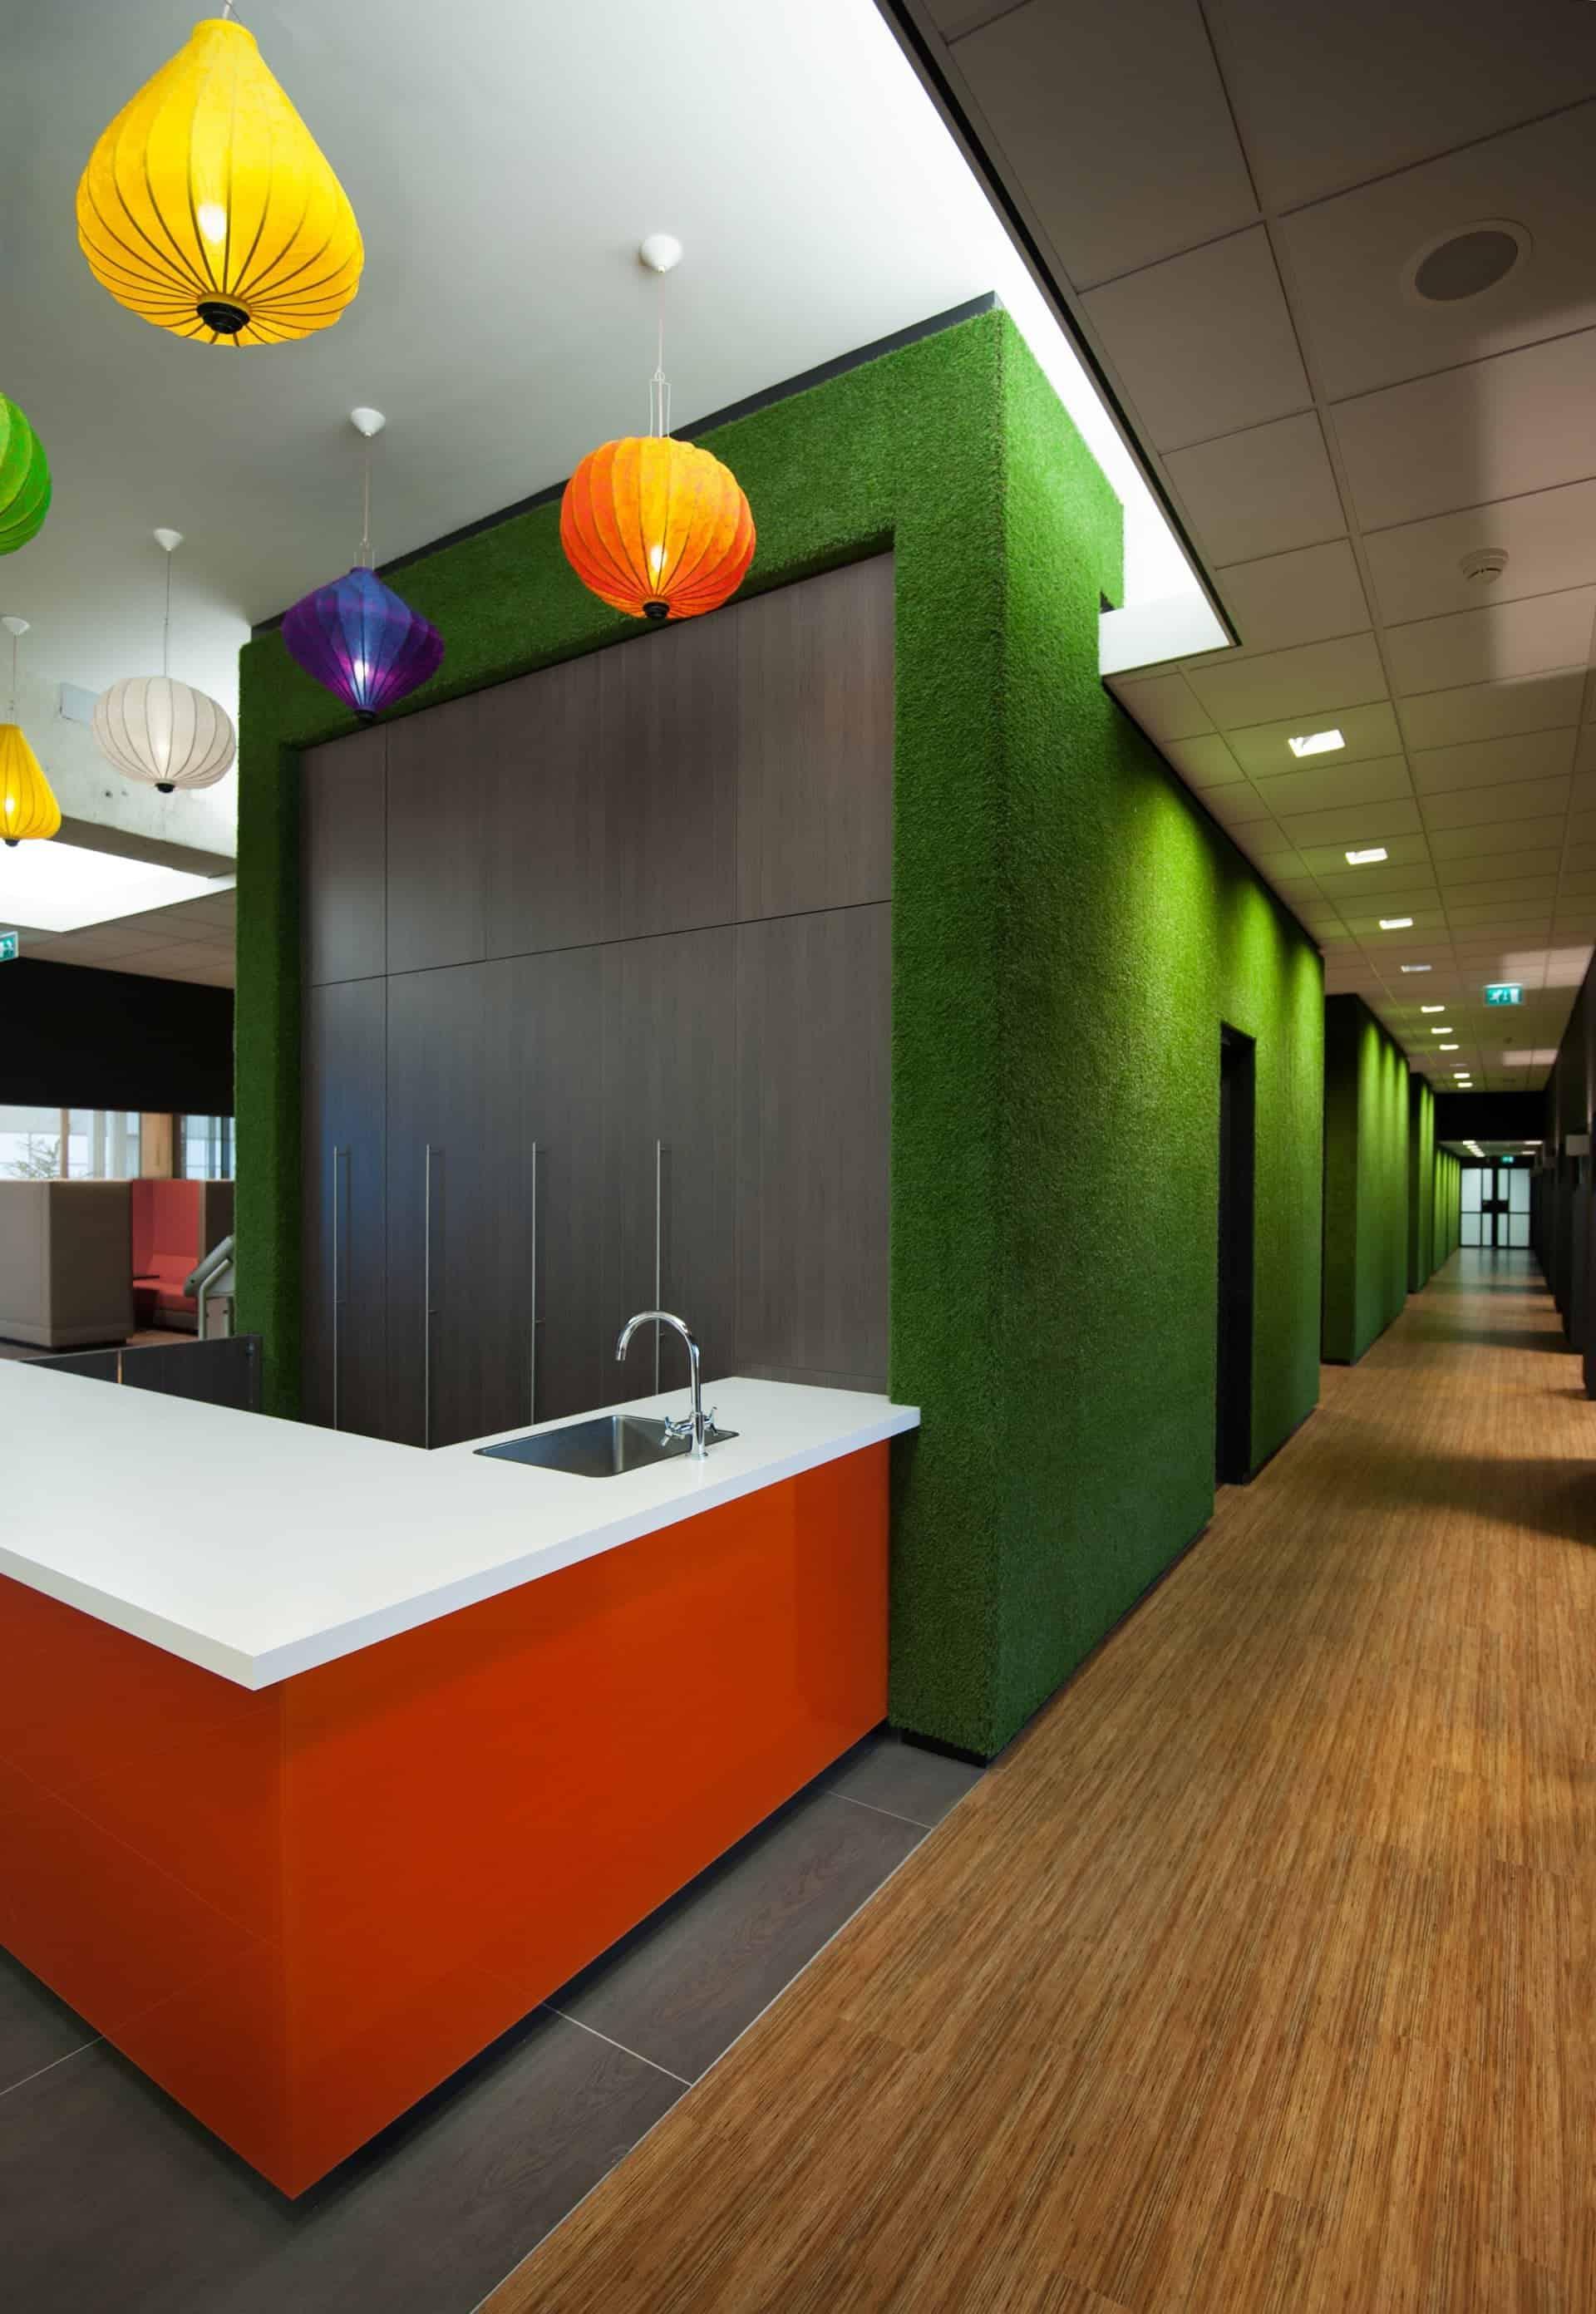 Een kleurrijke inspirerende ontmoetingsplaats voor ondernemers in Almere